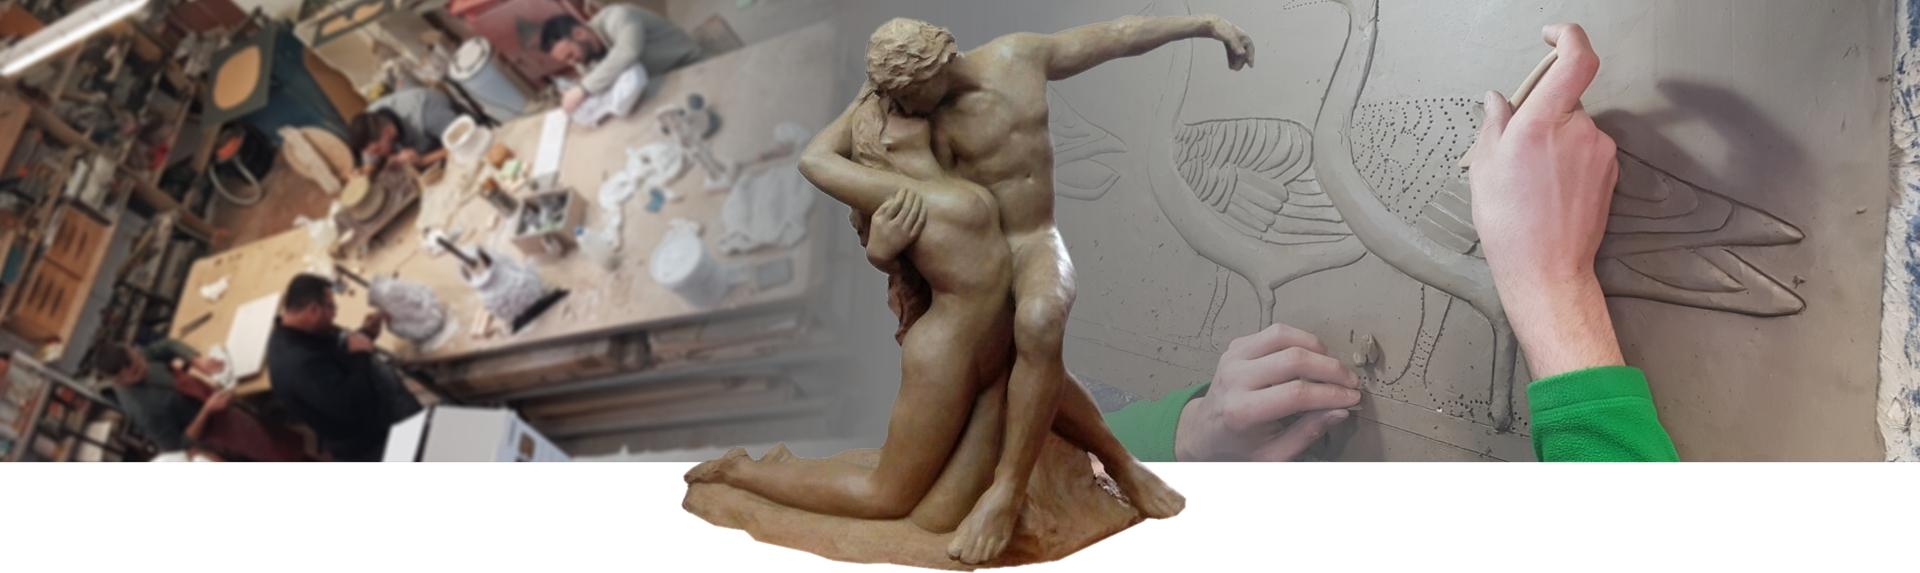 Esculturas y proyectos personalizados